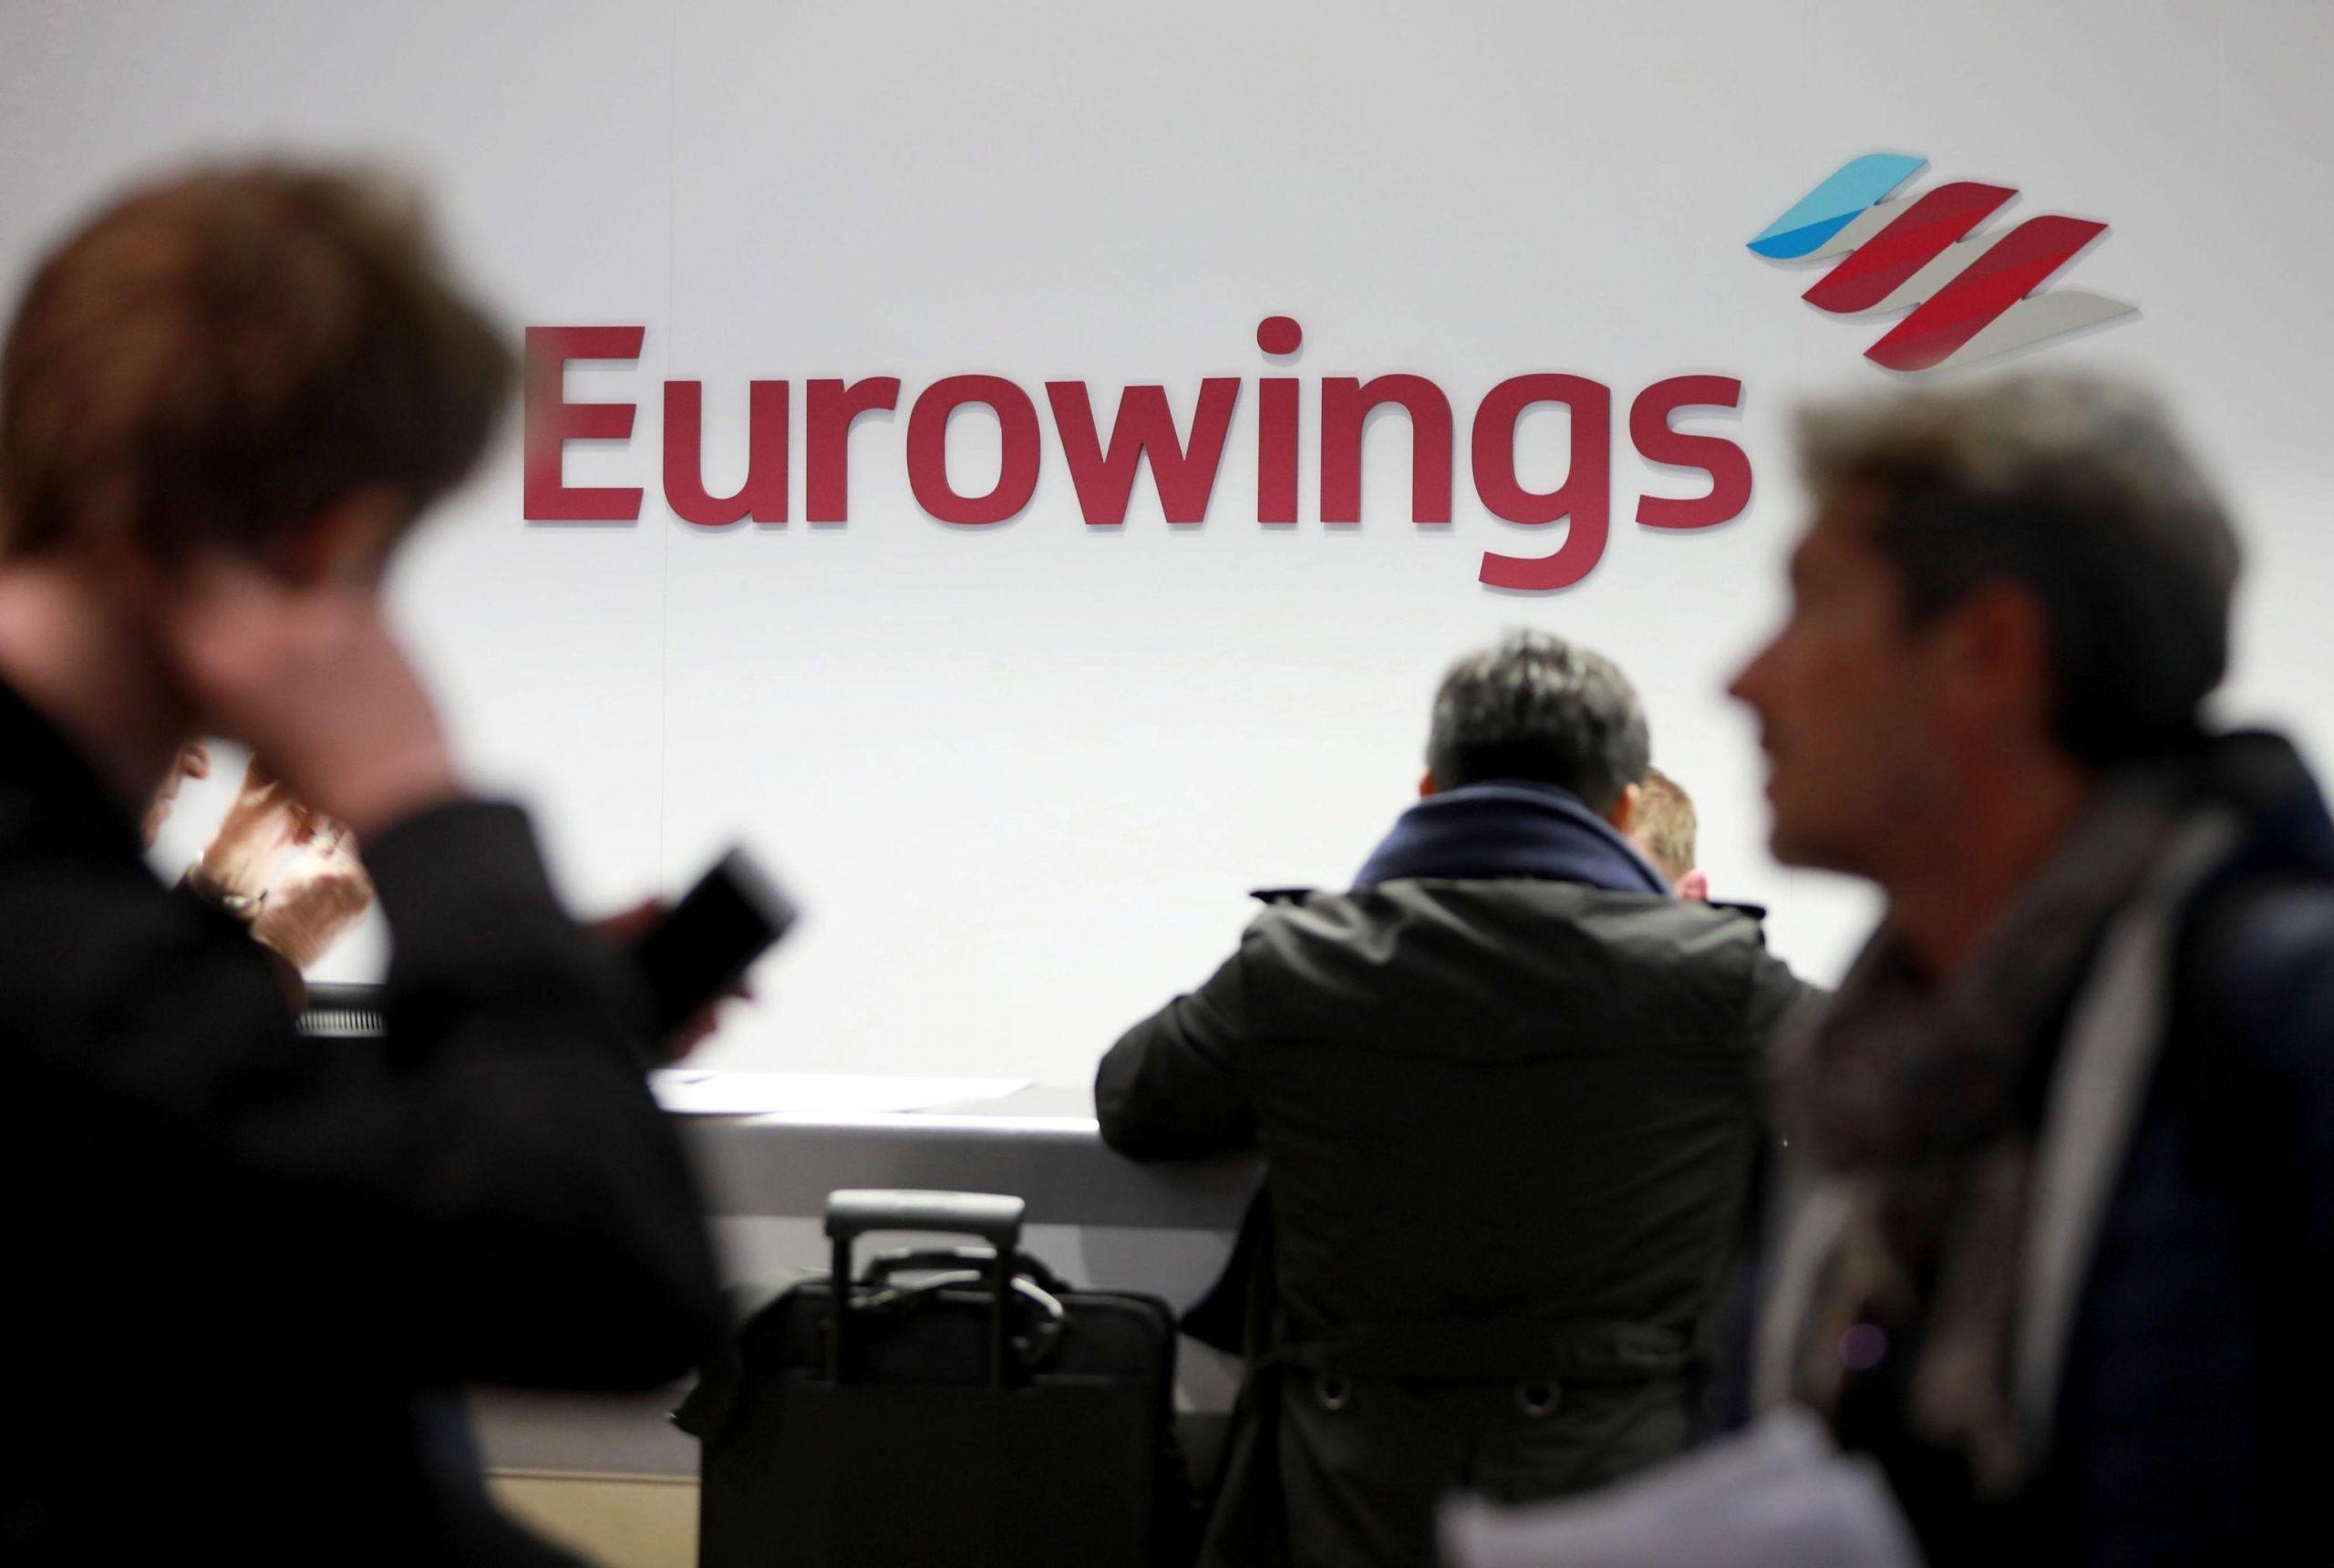 Eurowings offre lavoro: 1000 posti tra piloti e assistenti